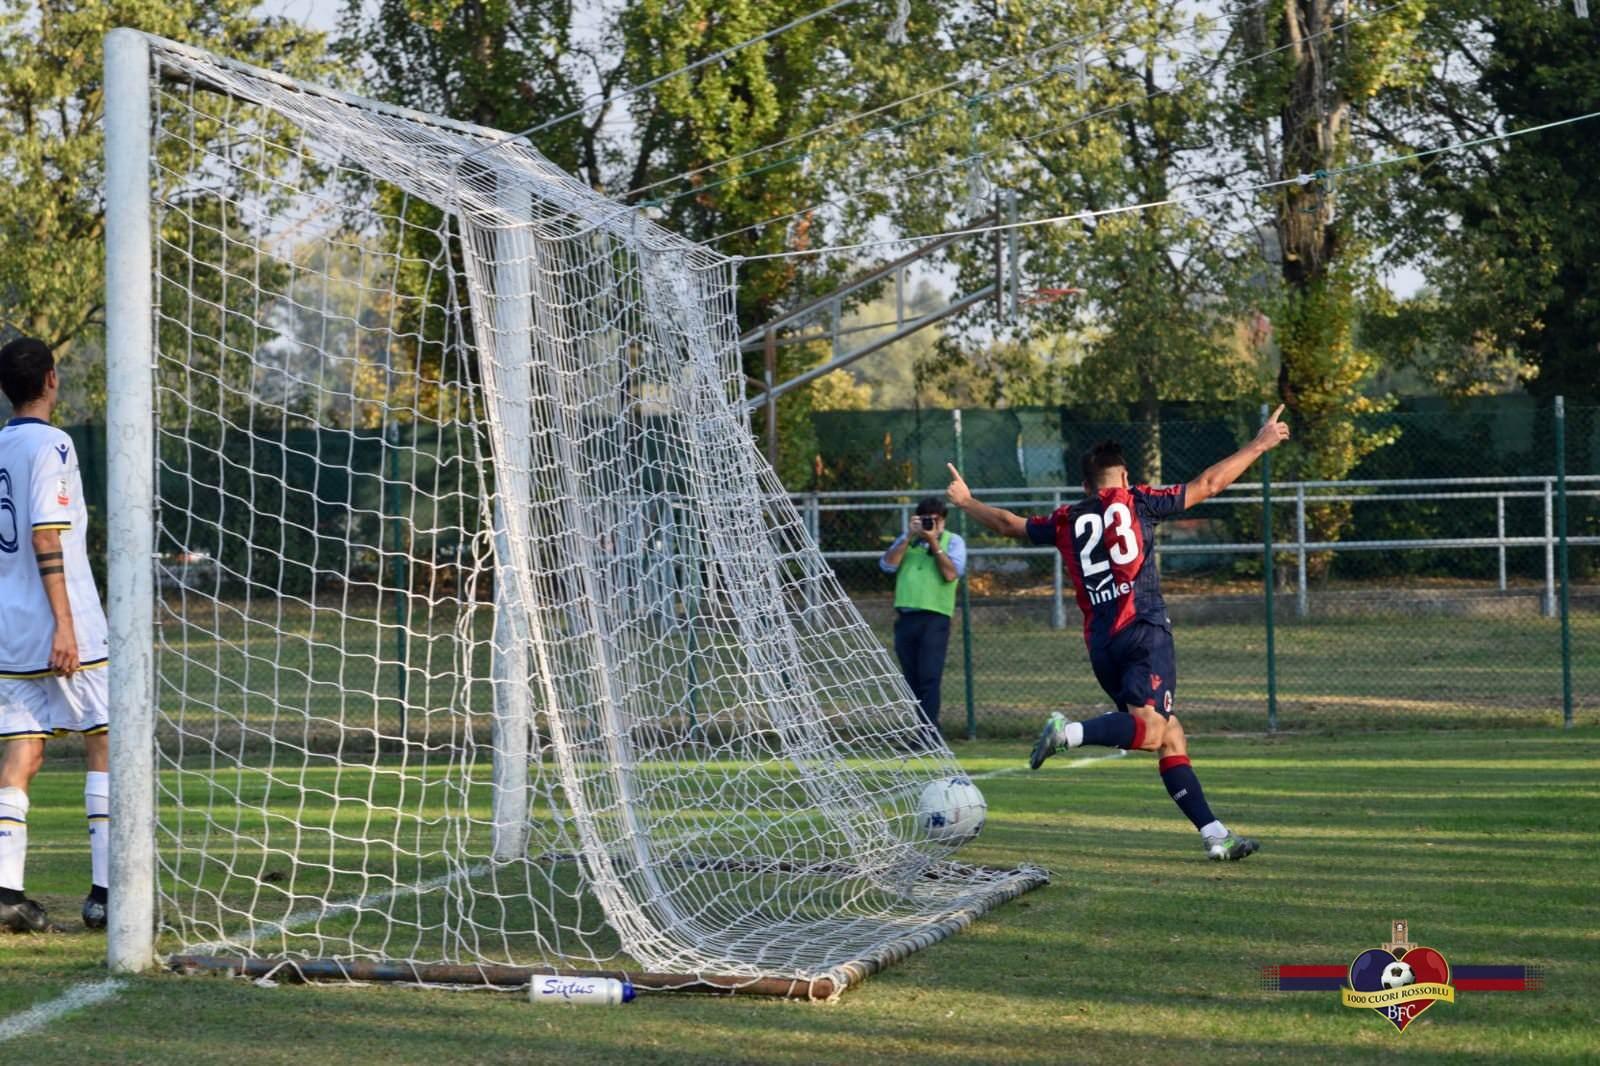 Primavera, Bologna-Hellas Verona 2-1: Cossalter ribalta il match, terza vittoria di fila per i rossoblù